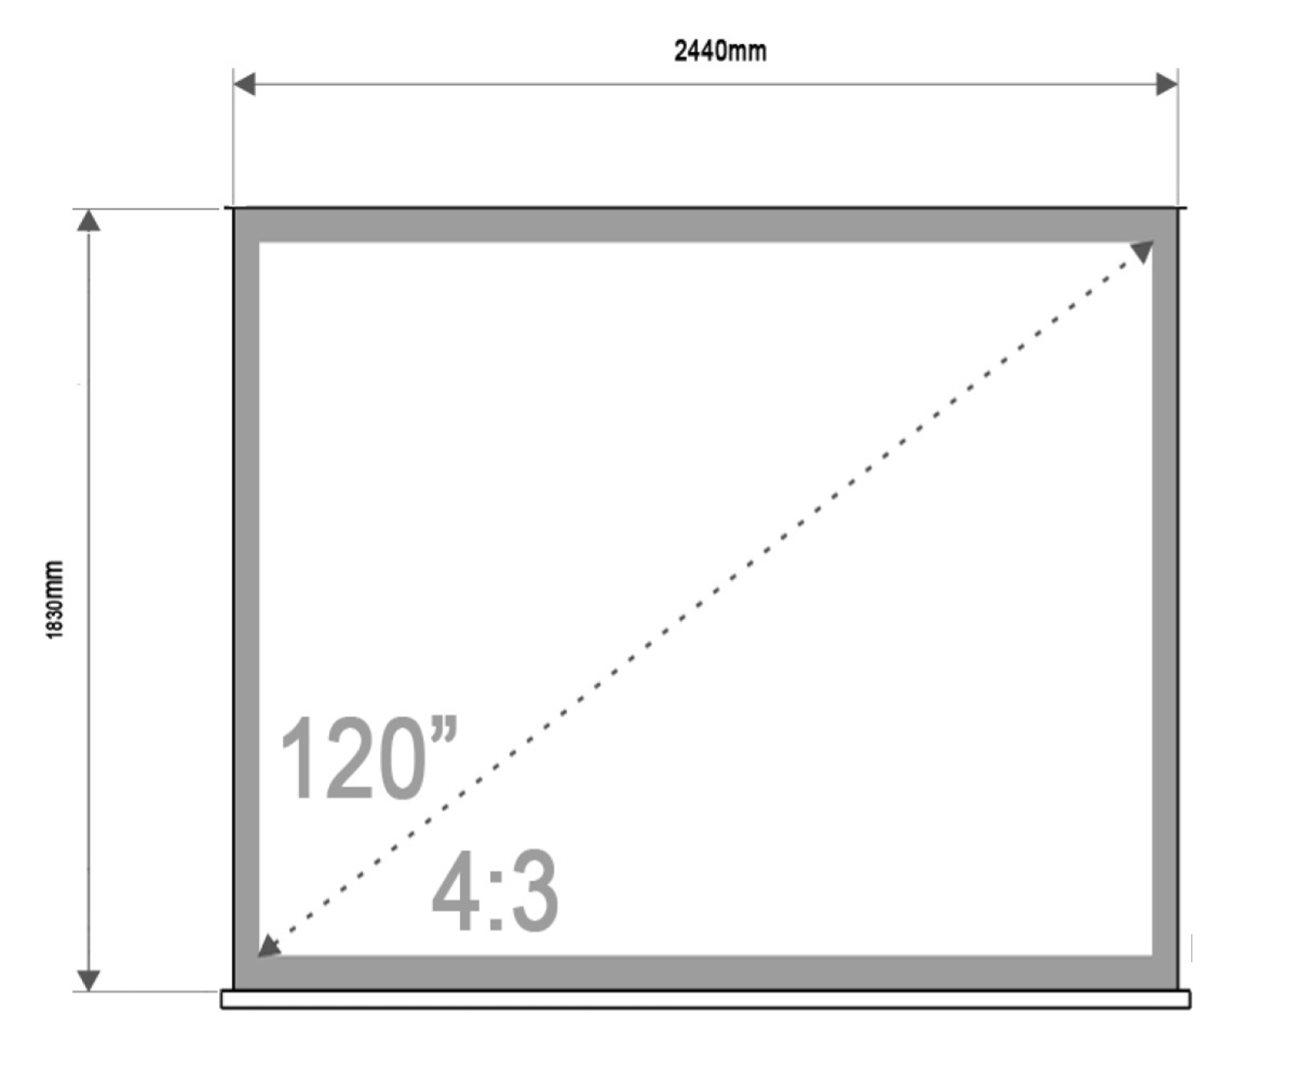 """4World Projekční plátno přenosné 244x183 120"""" 4:3"""